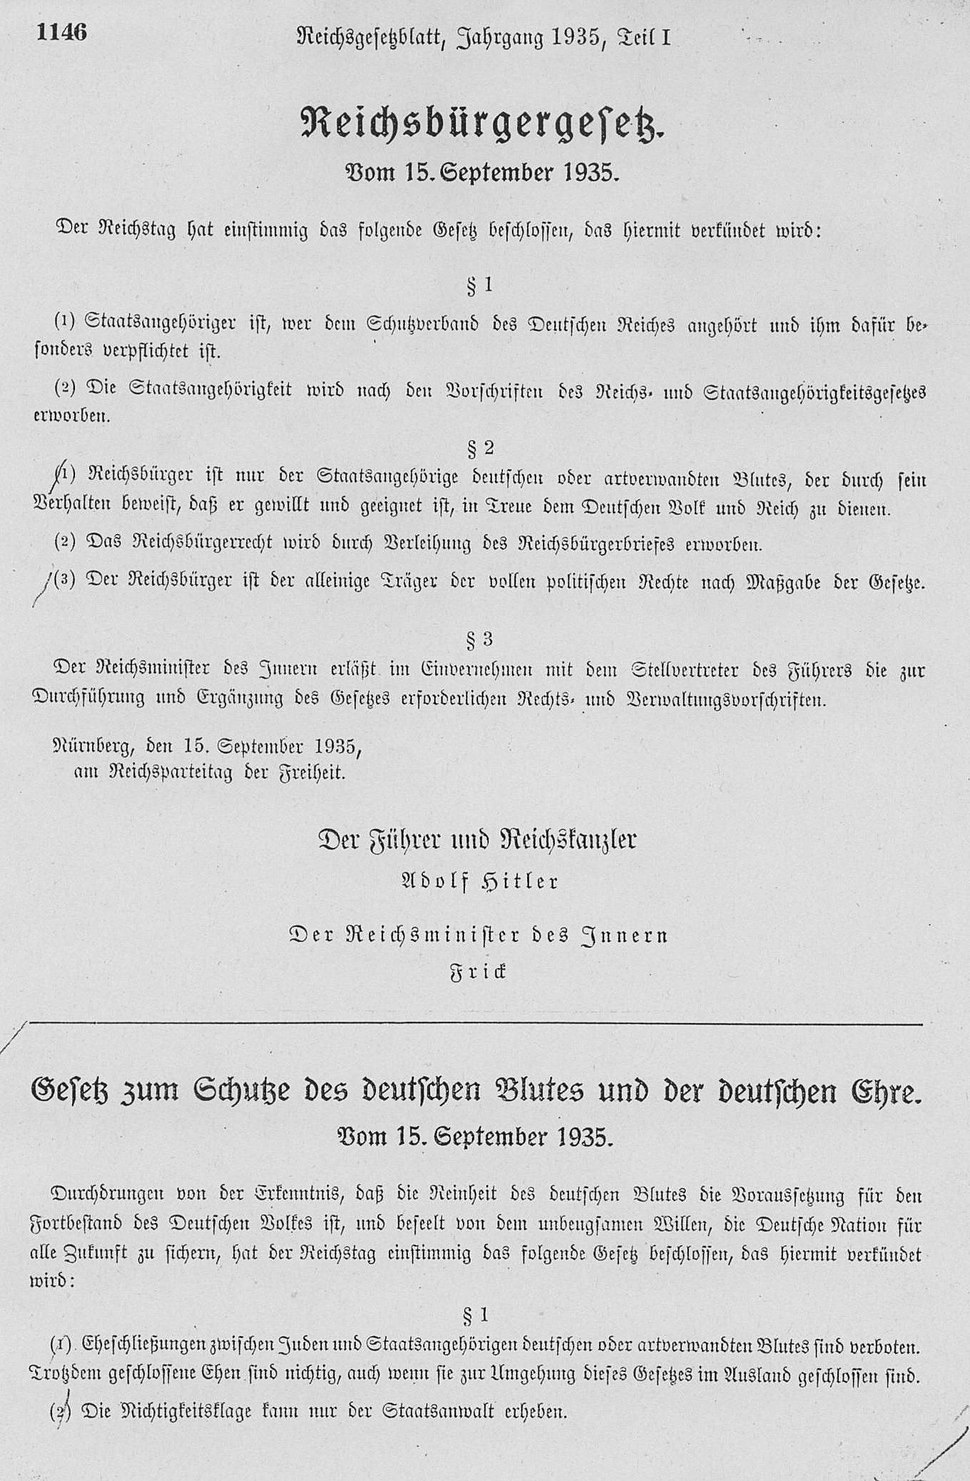 Blutschutzgesetz v.15.9.1935 - RGBl I 1146gesamt